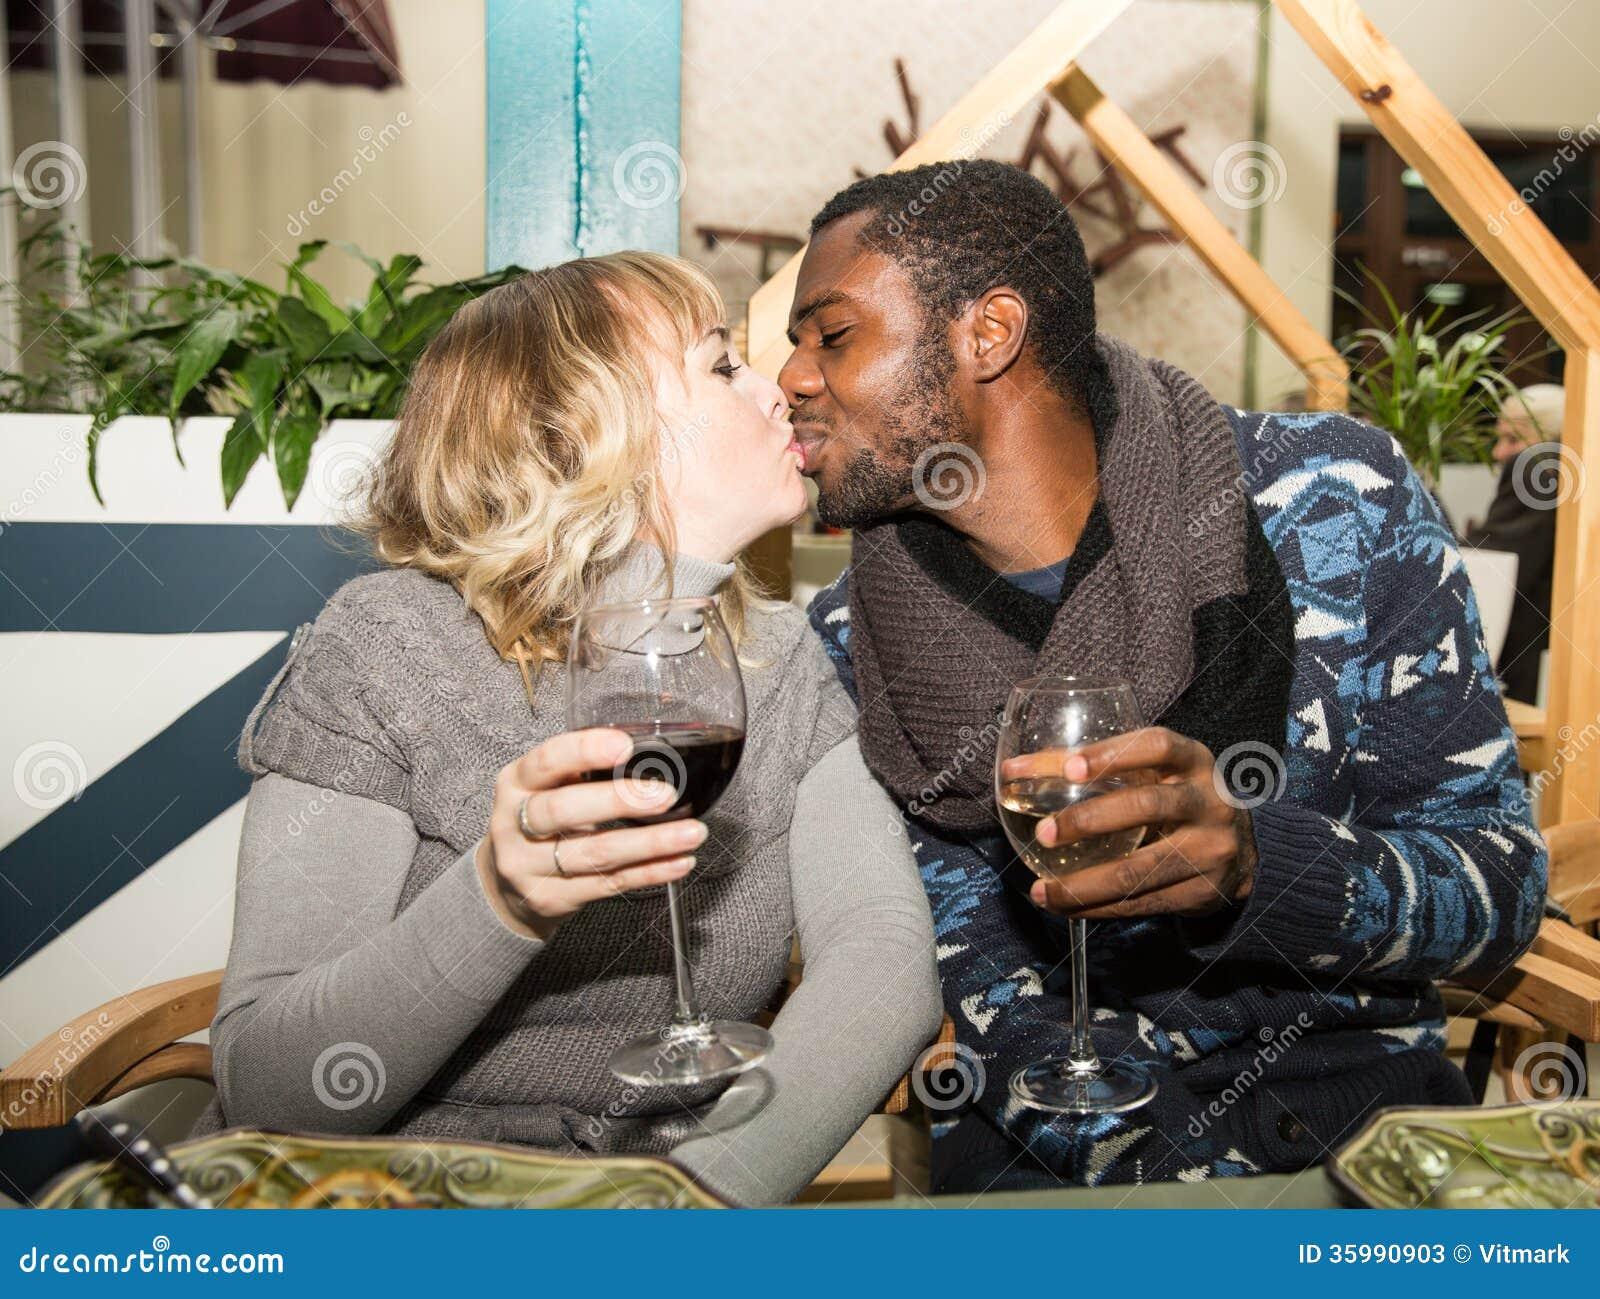 Dating ein weißer Kerl gegen einen schwarzen Kerl